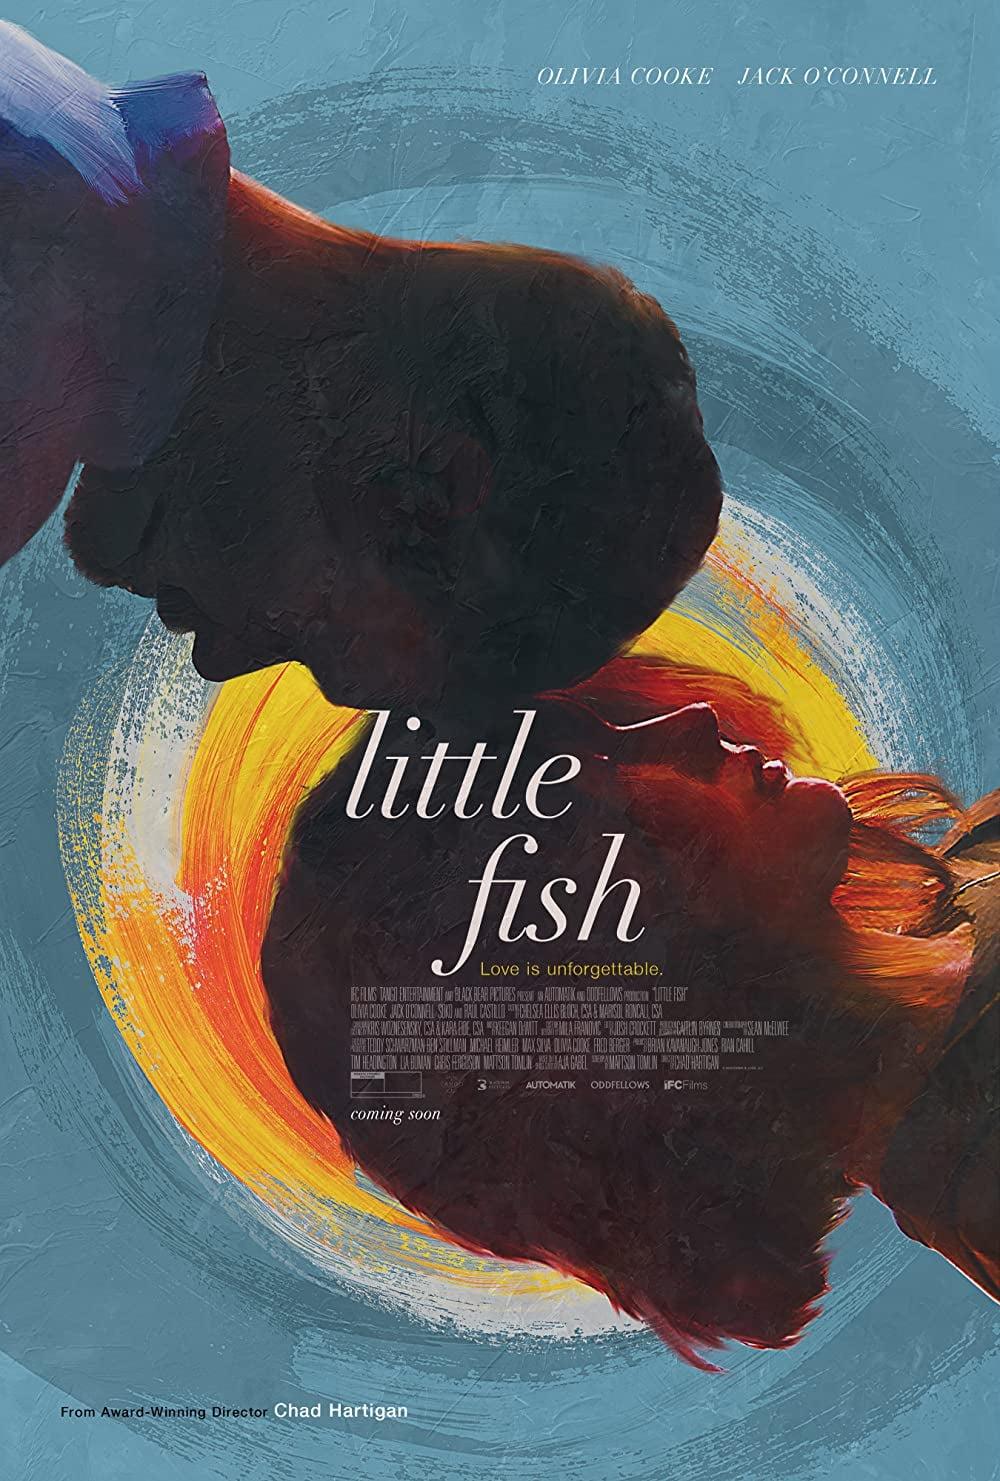 ดูหนังออนไลน์ฟรี Little Fish (2020) รั้งรักไว้ไม่ให้ลืม มาสเตอร์ Full HD 4K พากย์ไทย ซับไทย